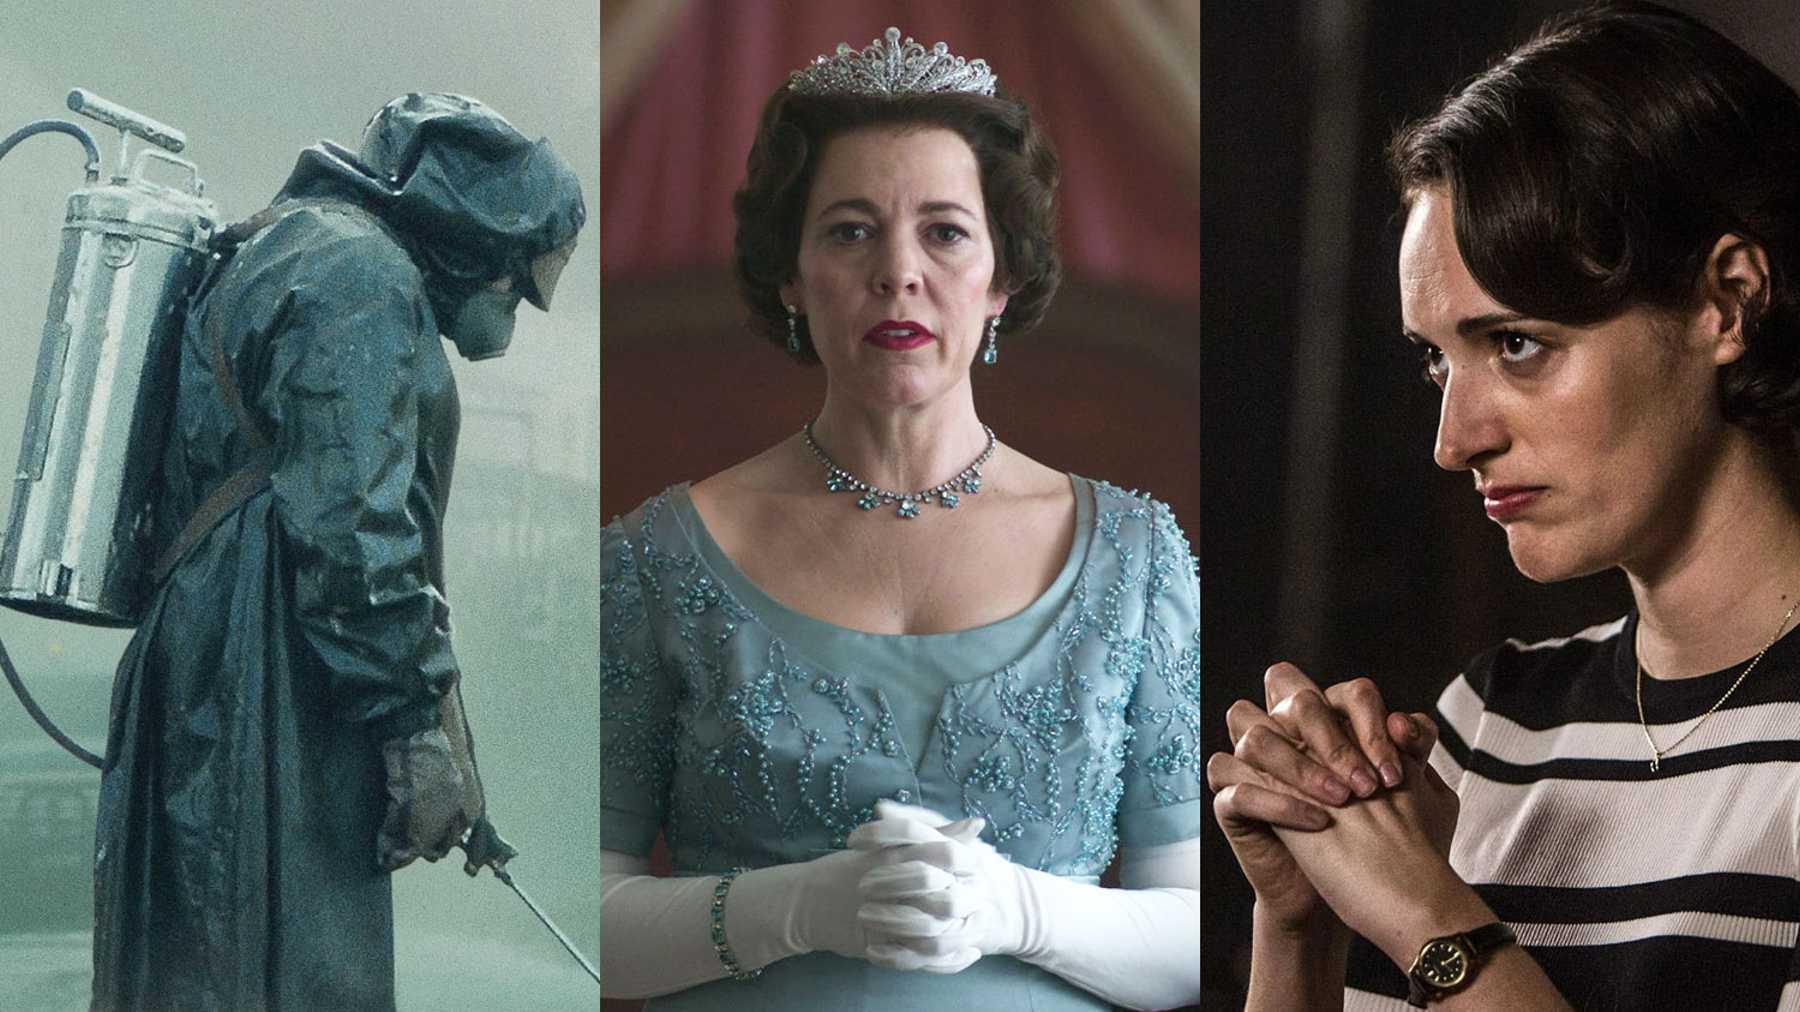 Nominaciones BAFTA TV 2020: Chernobyl lidera con 14, The Crown y Fleabag le siguen